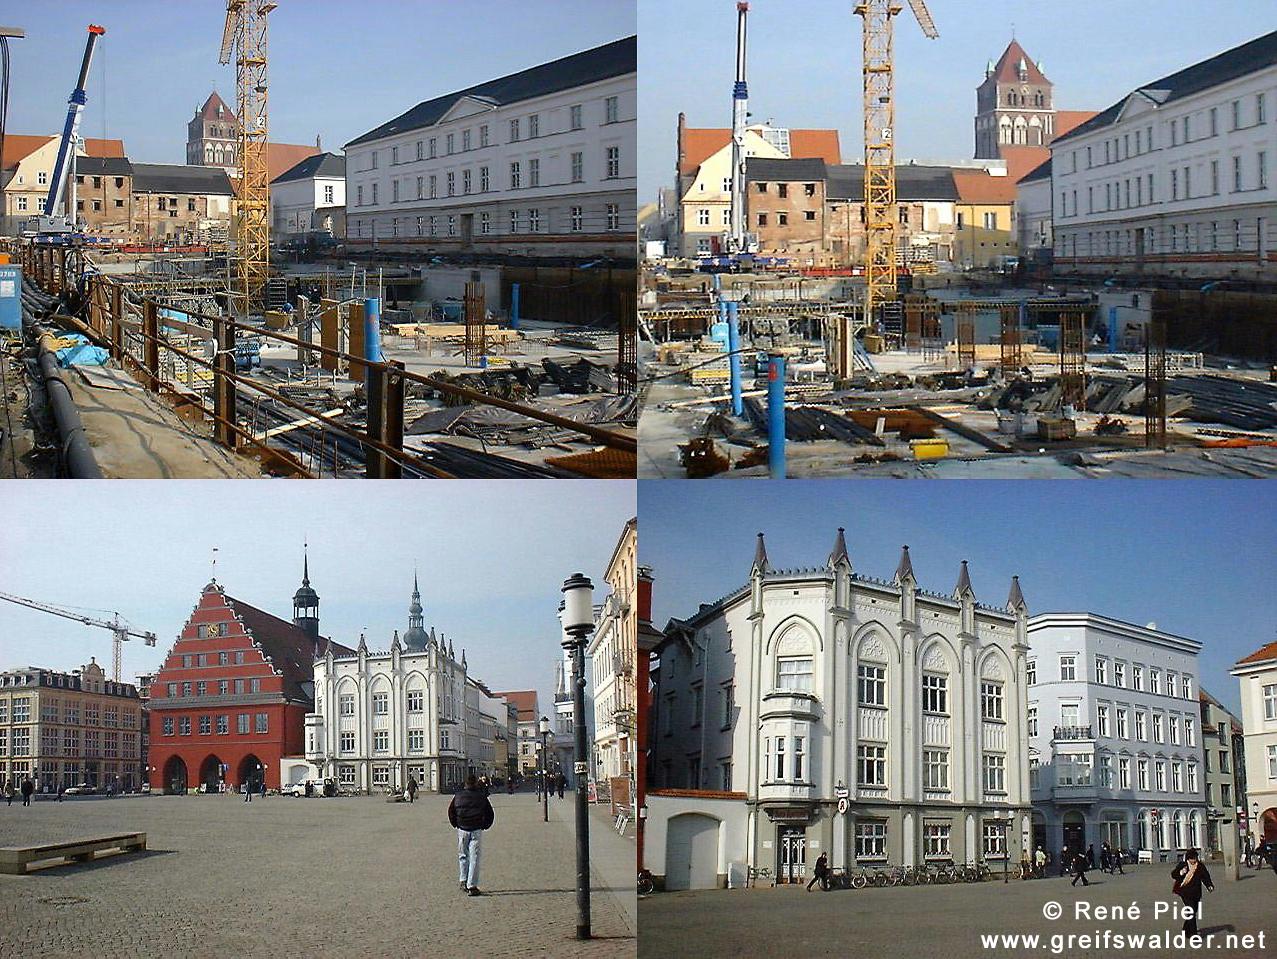 Baustelle Tiefgarage und Marktplatz in Greifswald